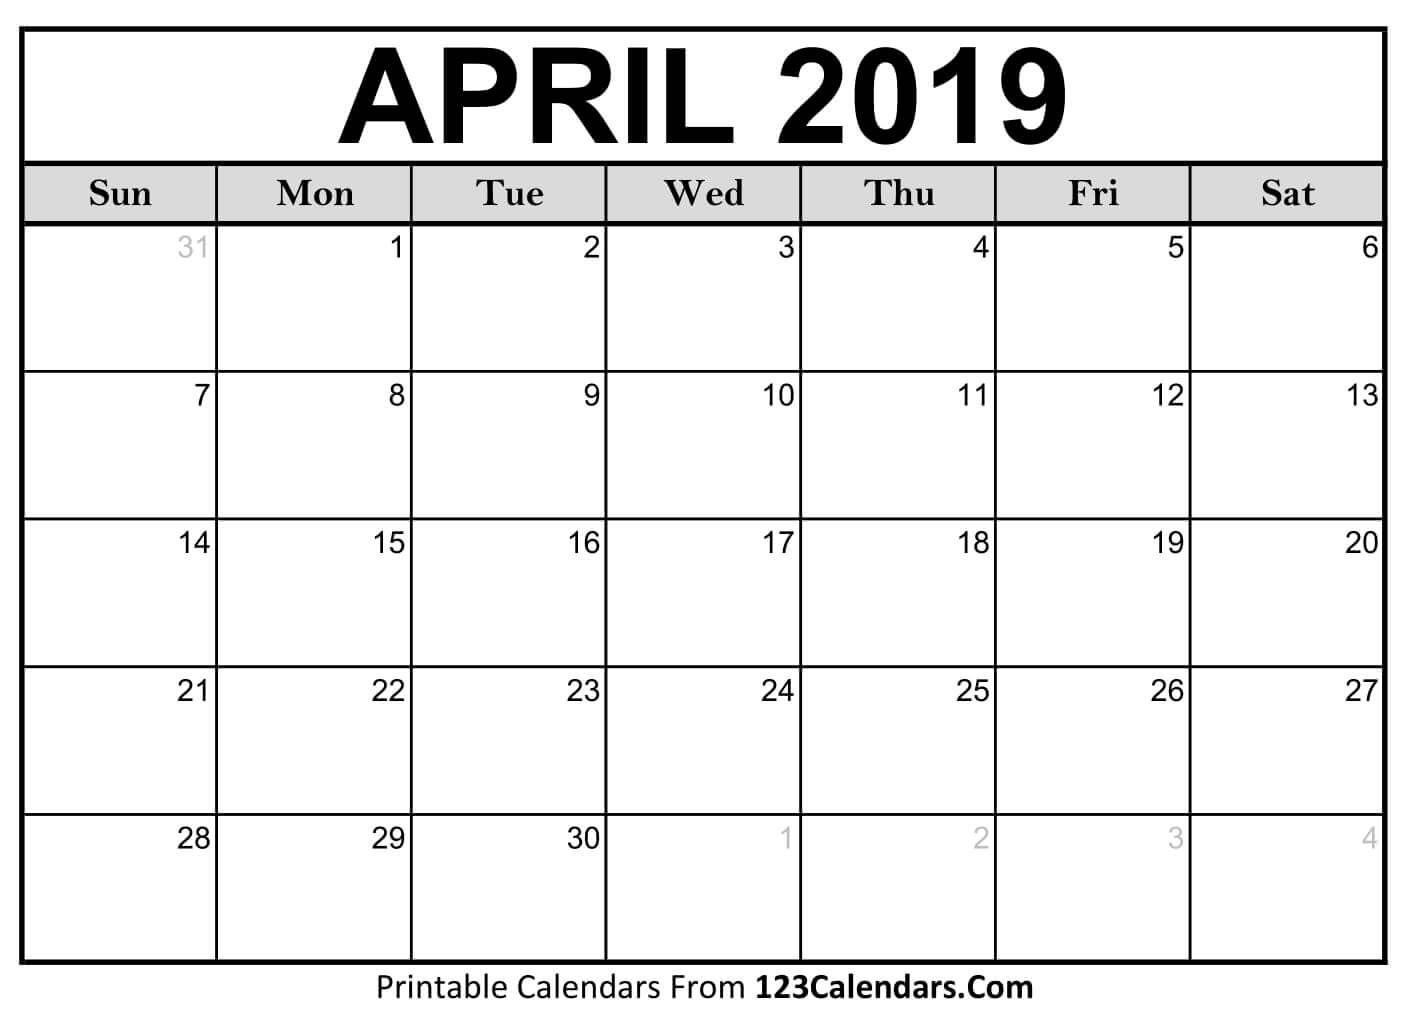 April Calendar Free Printable Template Download